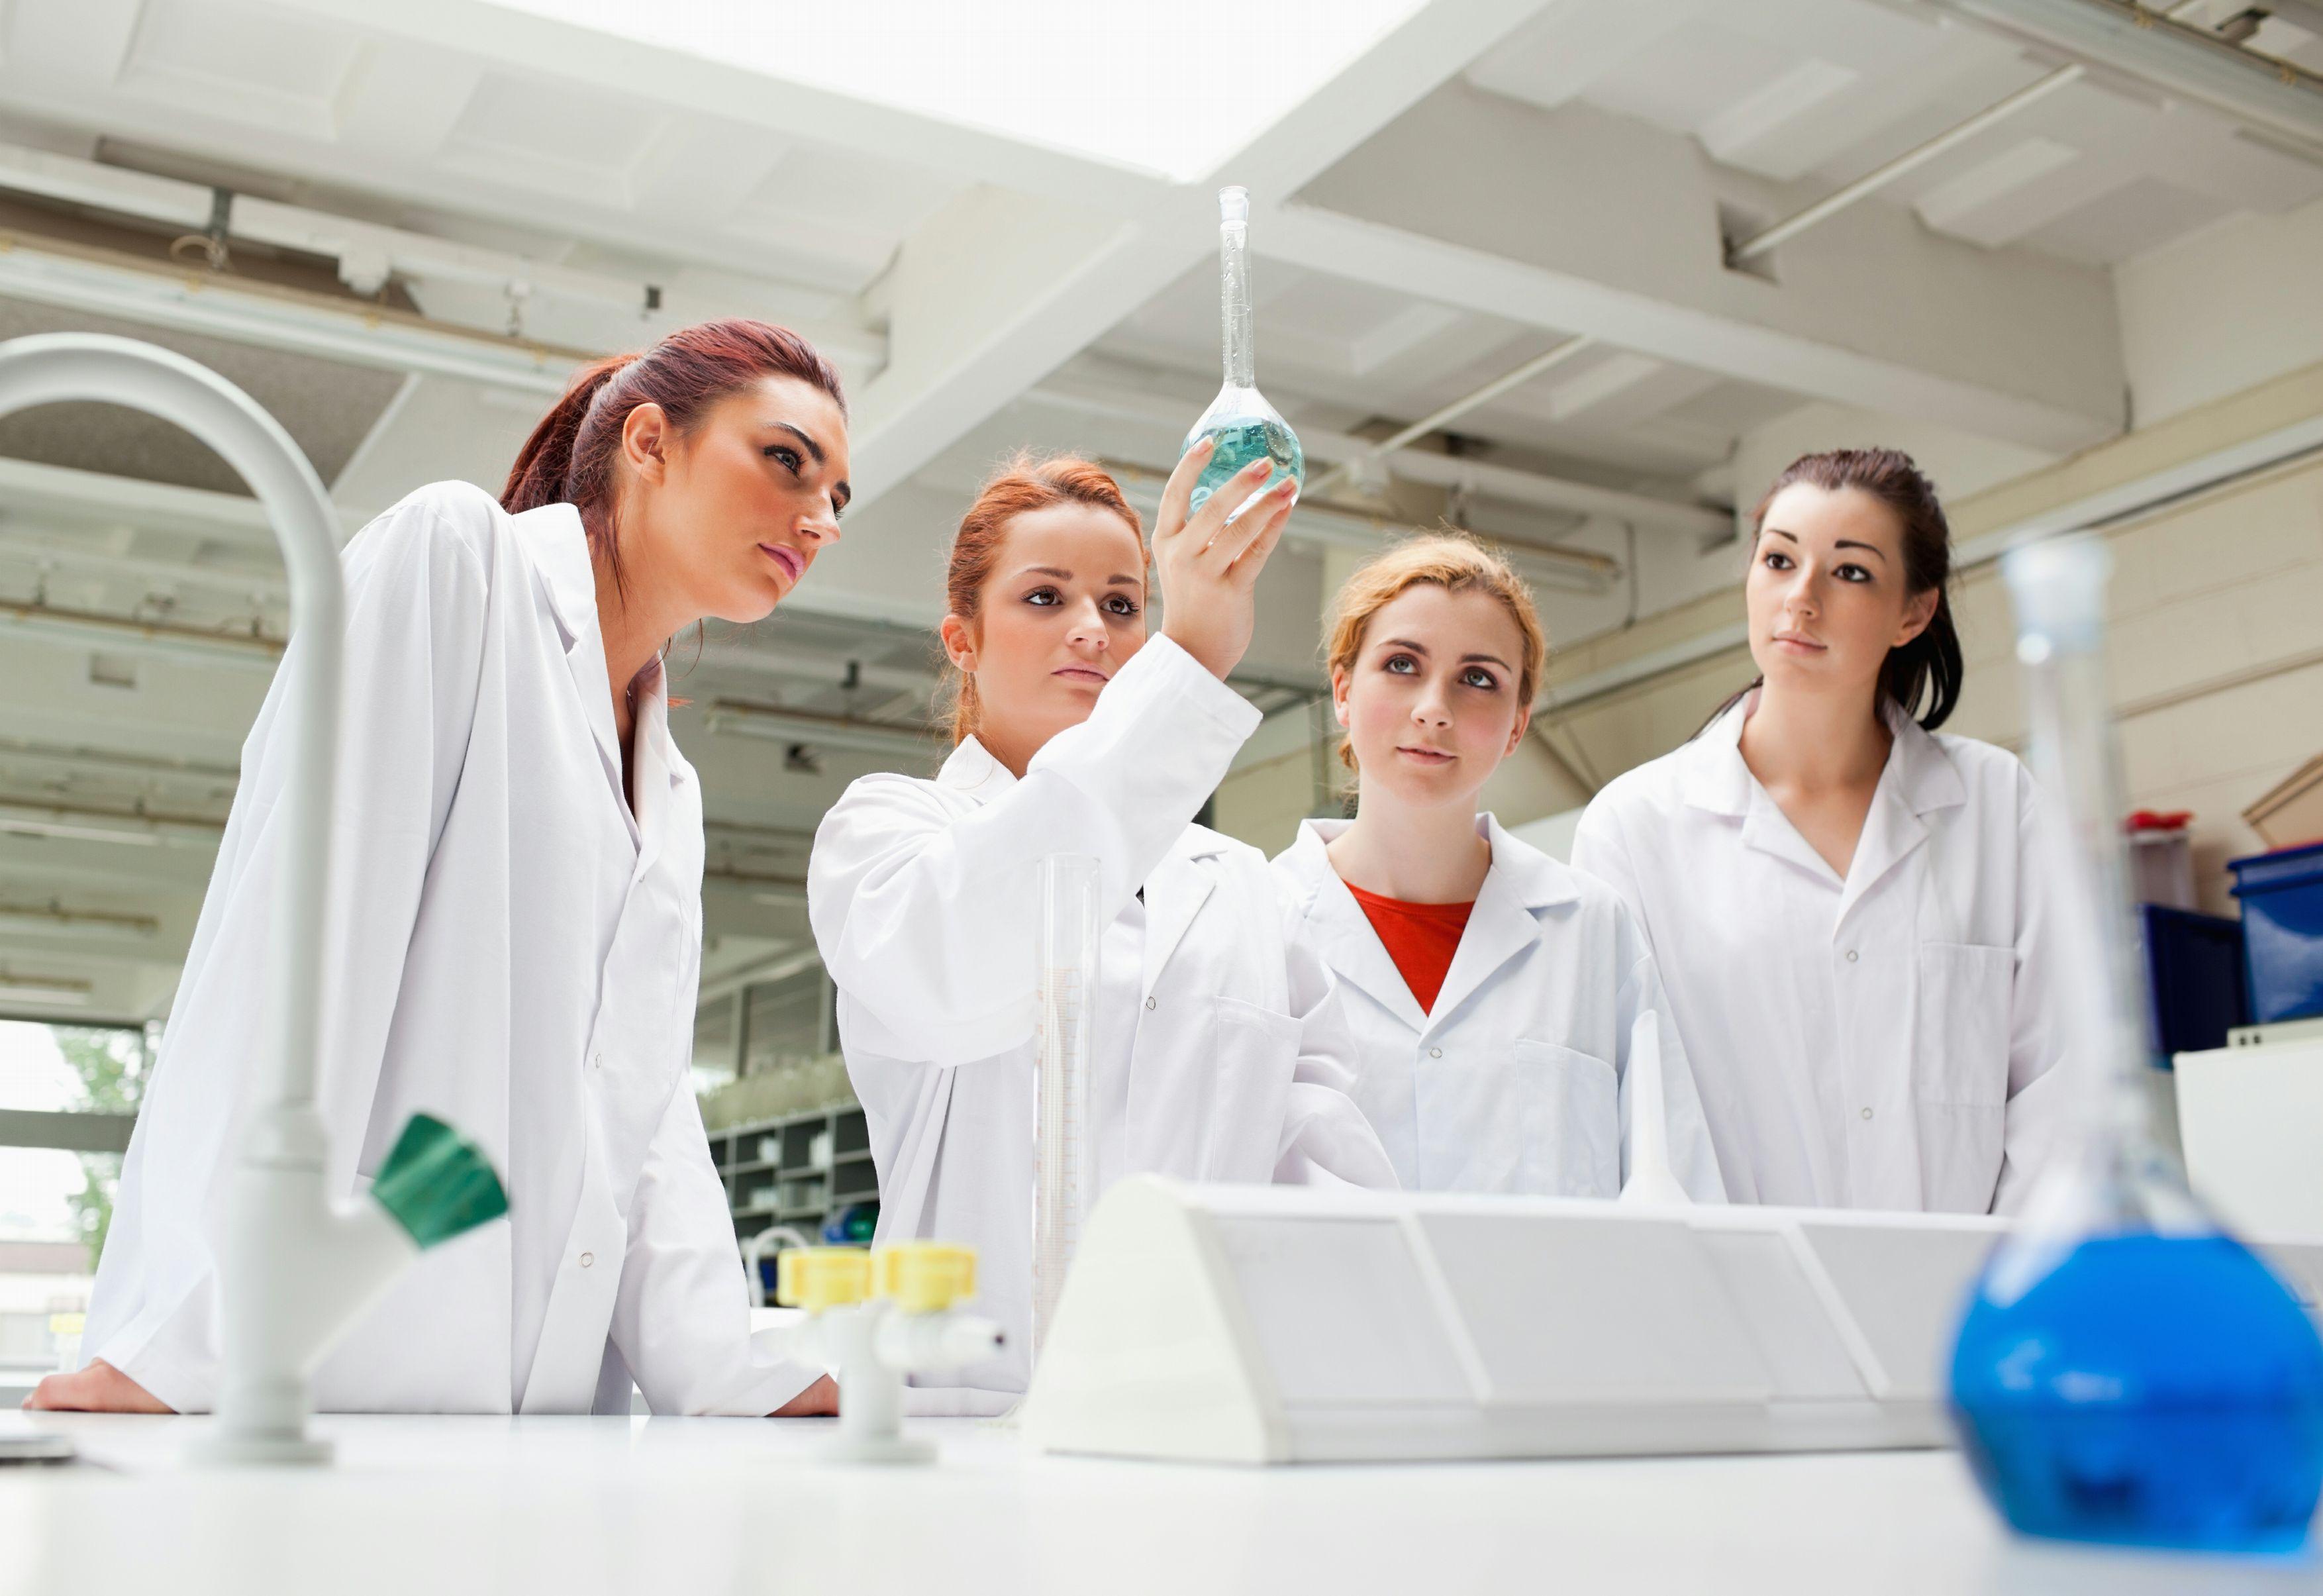 药明生物(02269.HK)年度纯利增1.5倍 未完成里程碑付款跃增至20.06亿美元